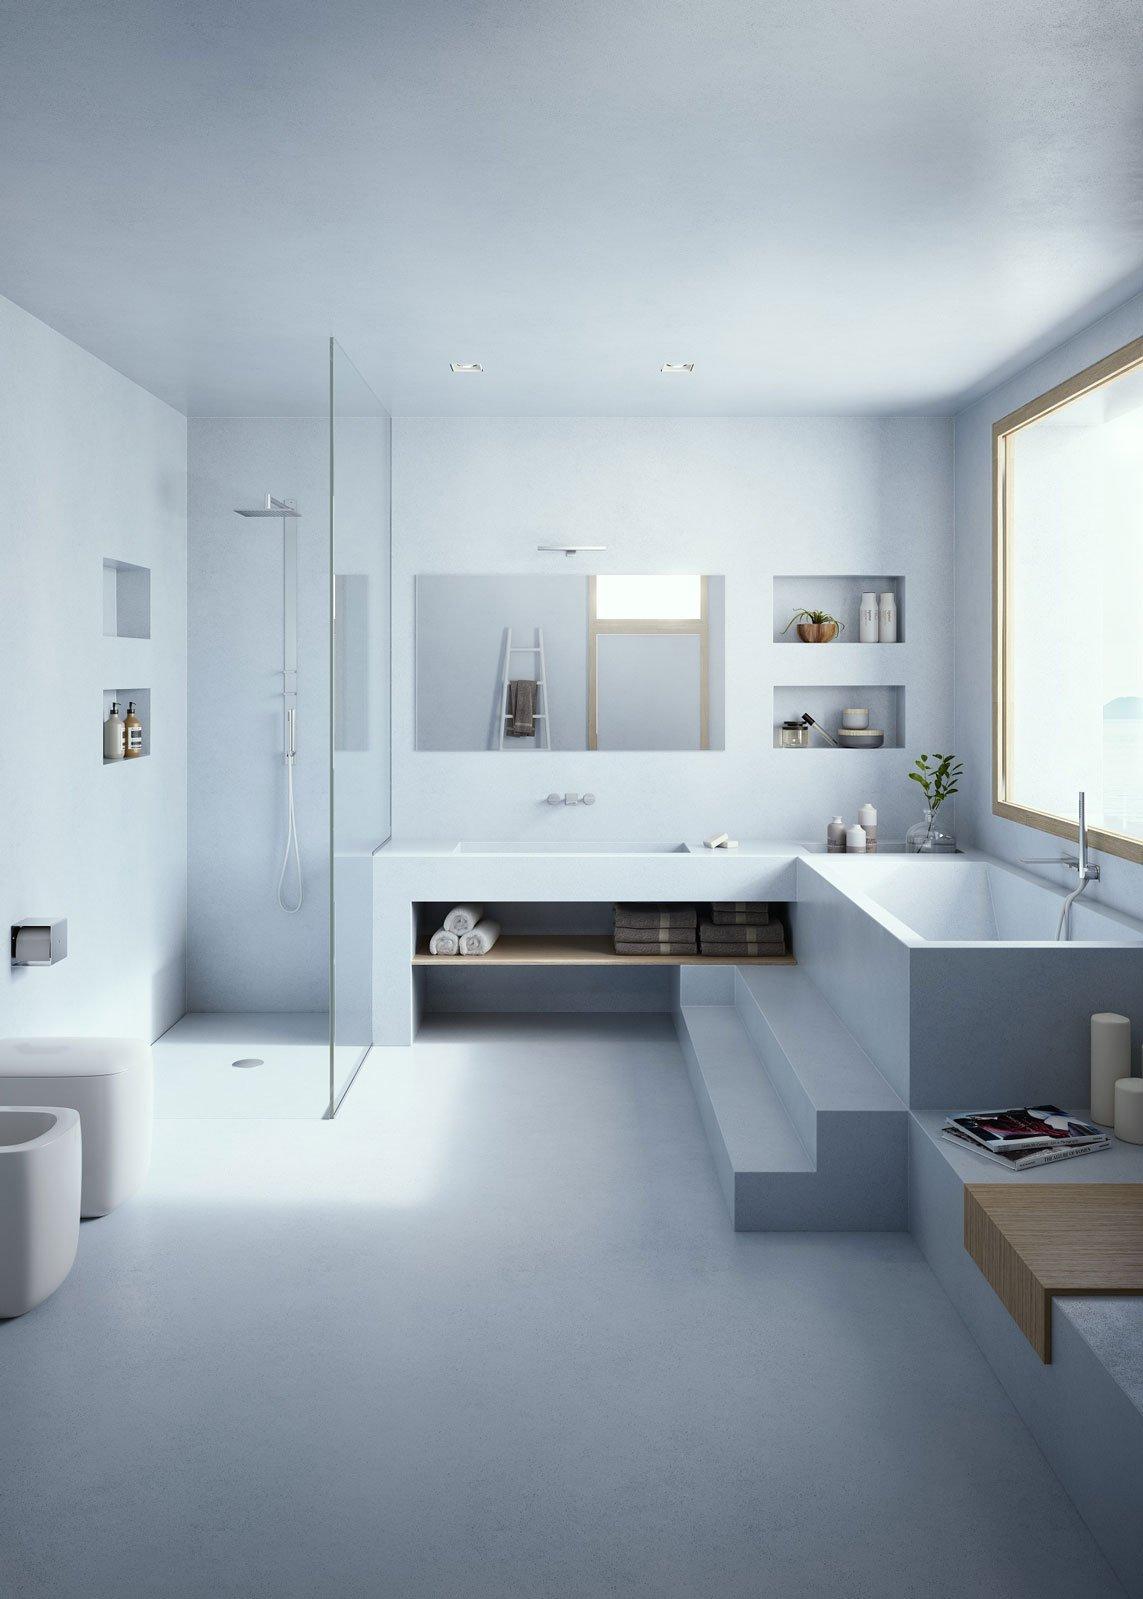 Togliere piastrelle bagno great vasca da bagno in resina with togliere piastrelle bagno come - Colorare fughe piastrelle ...